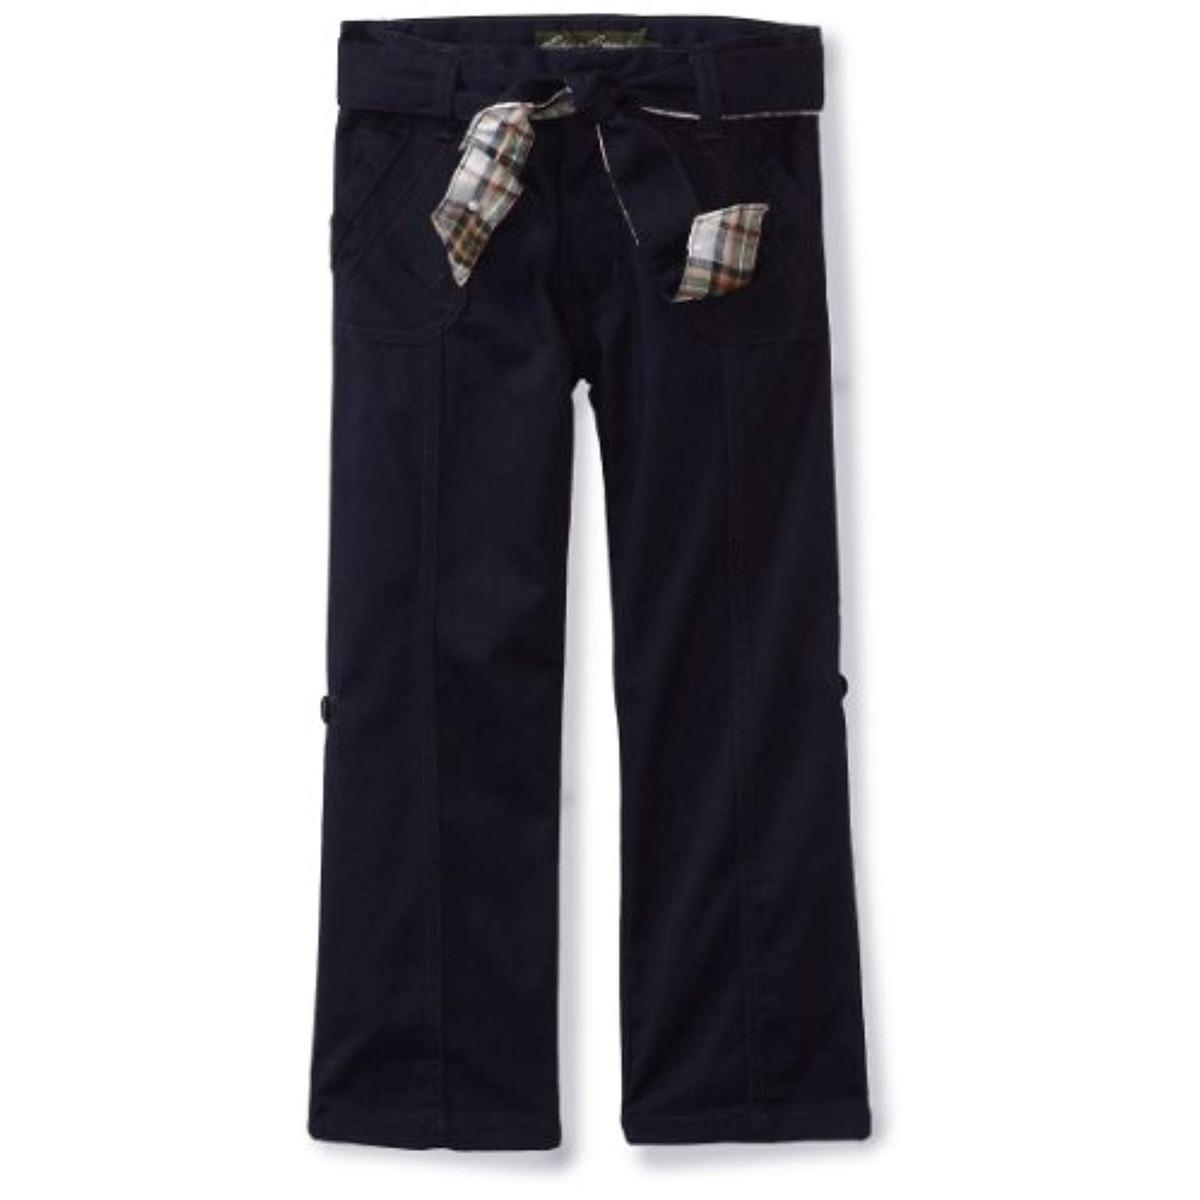 Eddie Bauer Pantalones En Sarga De Ninas 148 433 En Mercado Libre